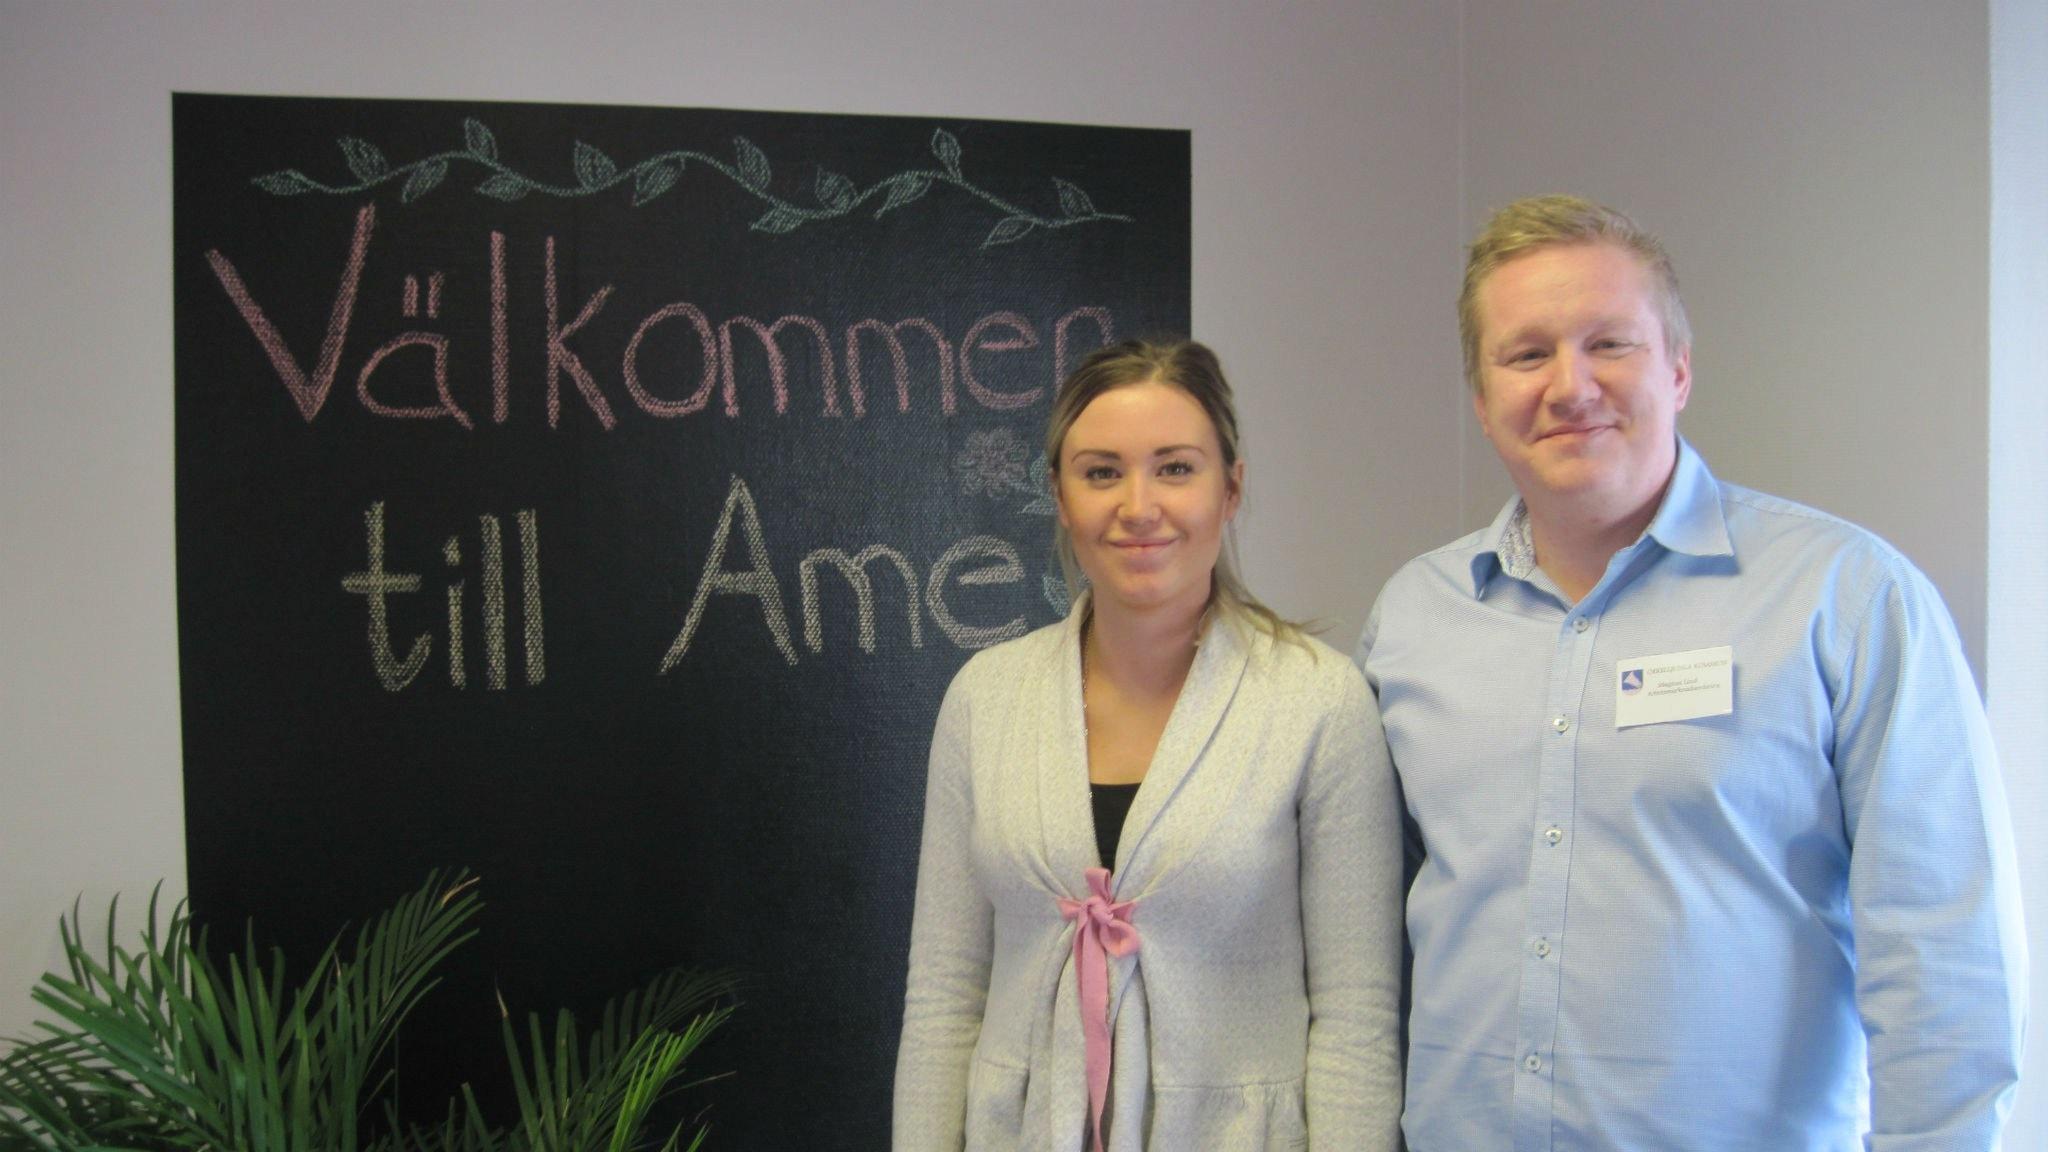 Speed-dejtning fr nytt jobb - P4 Kristianstad | Sveriges Radio